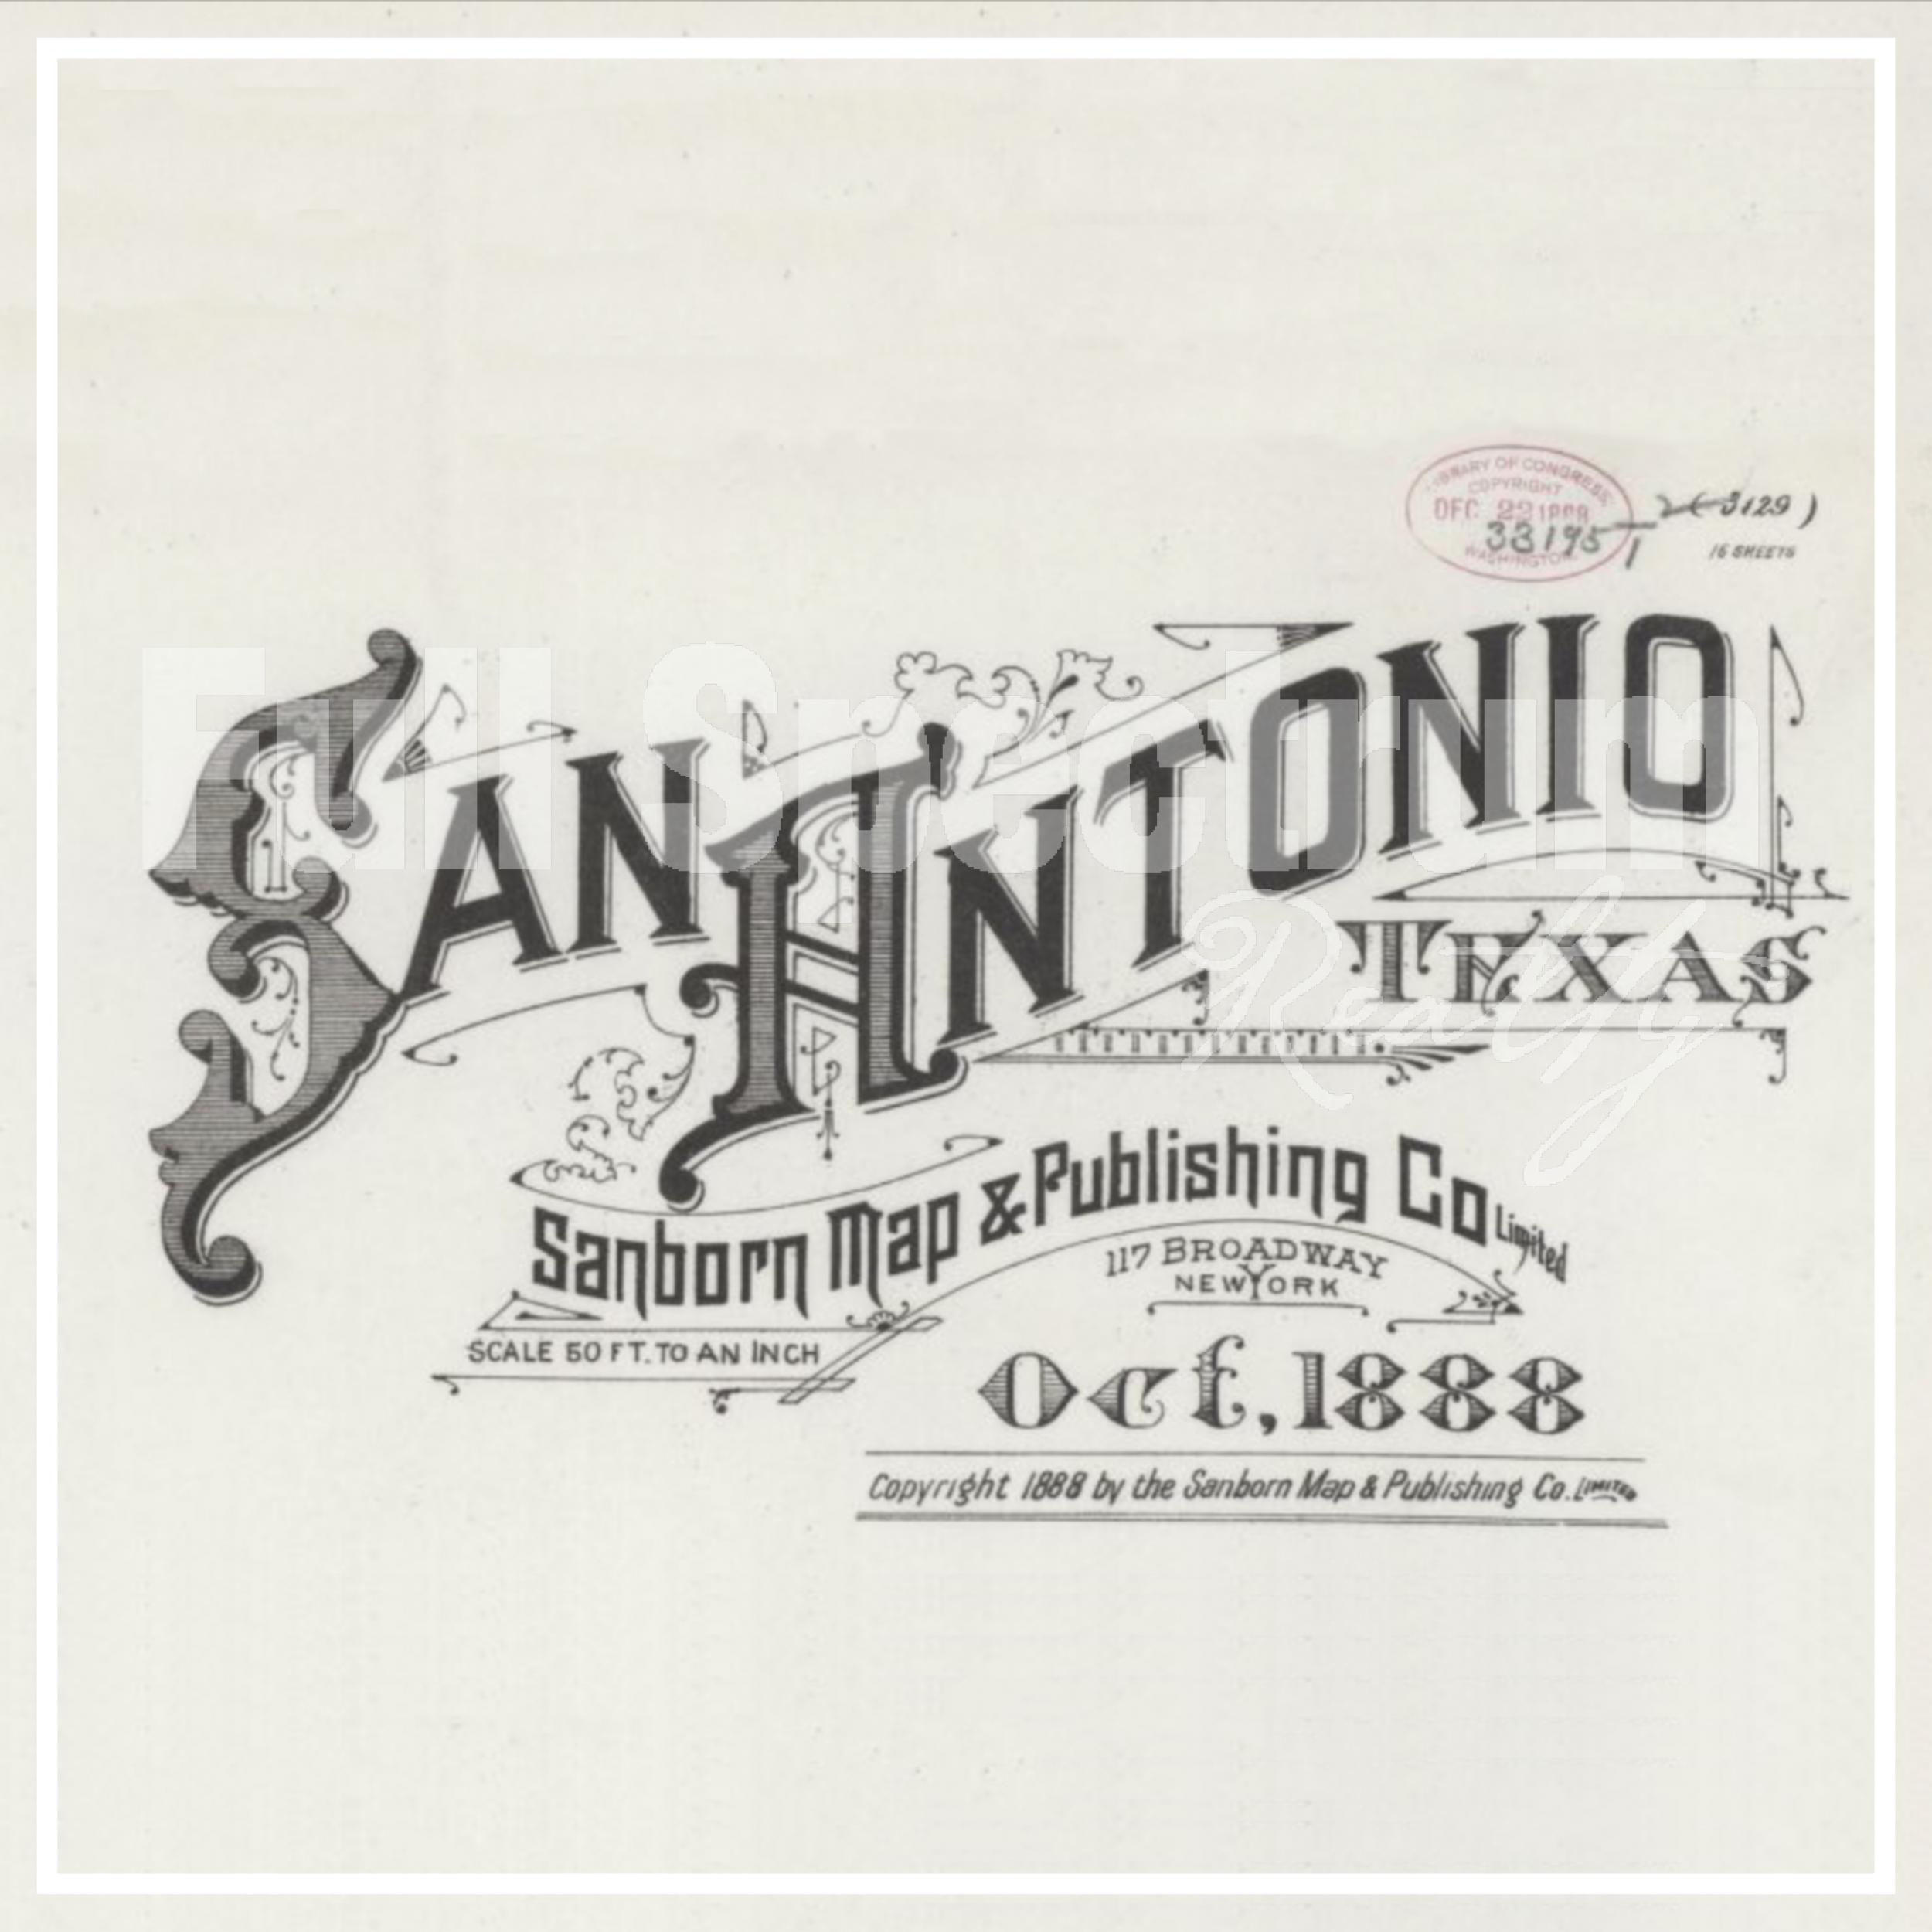 San Antonio sanborn maps